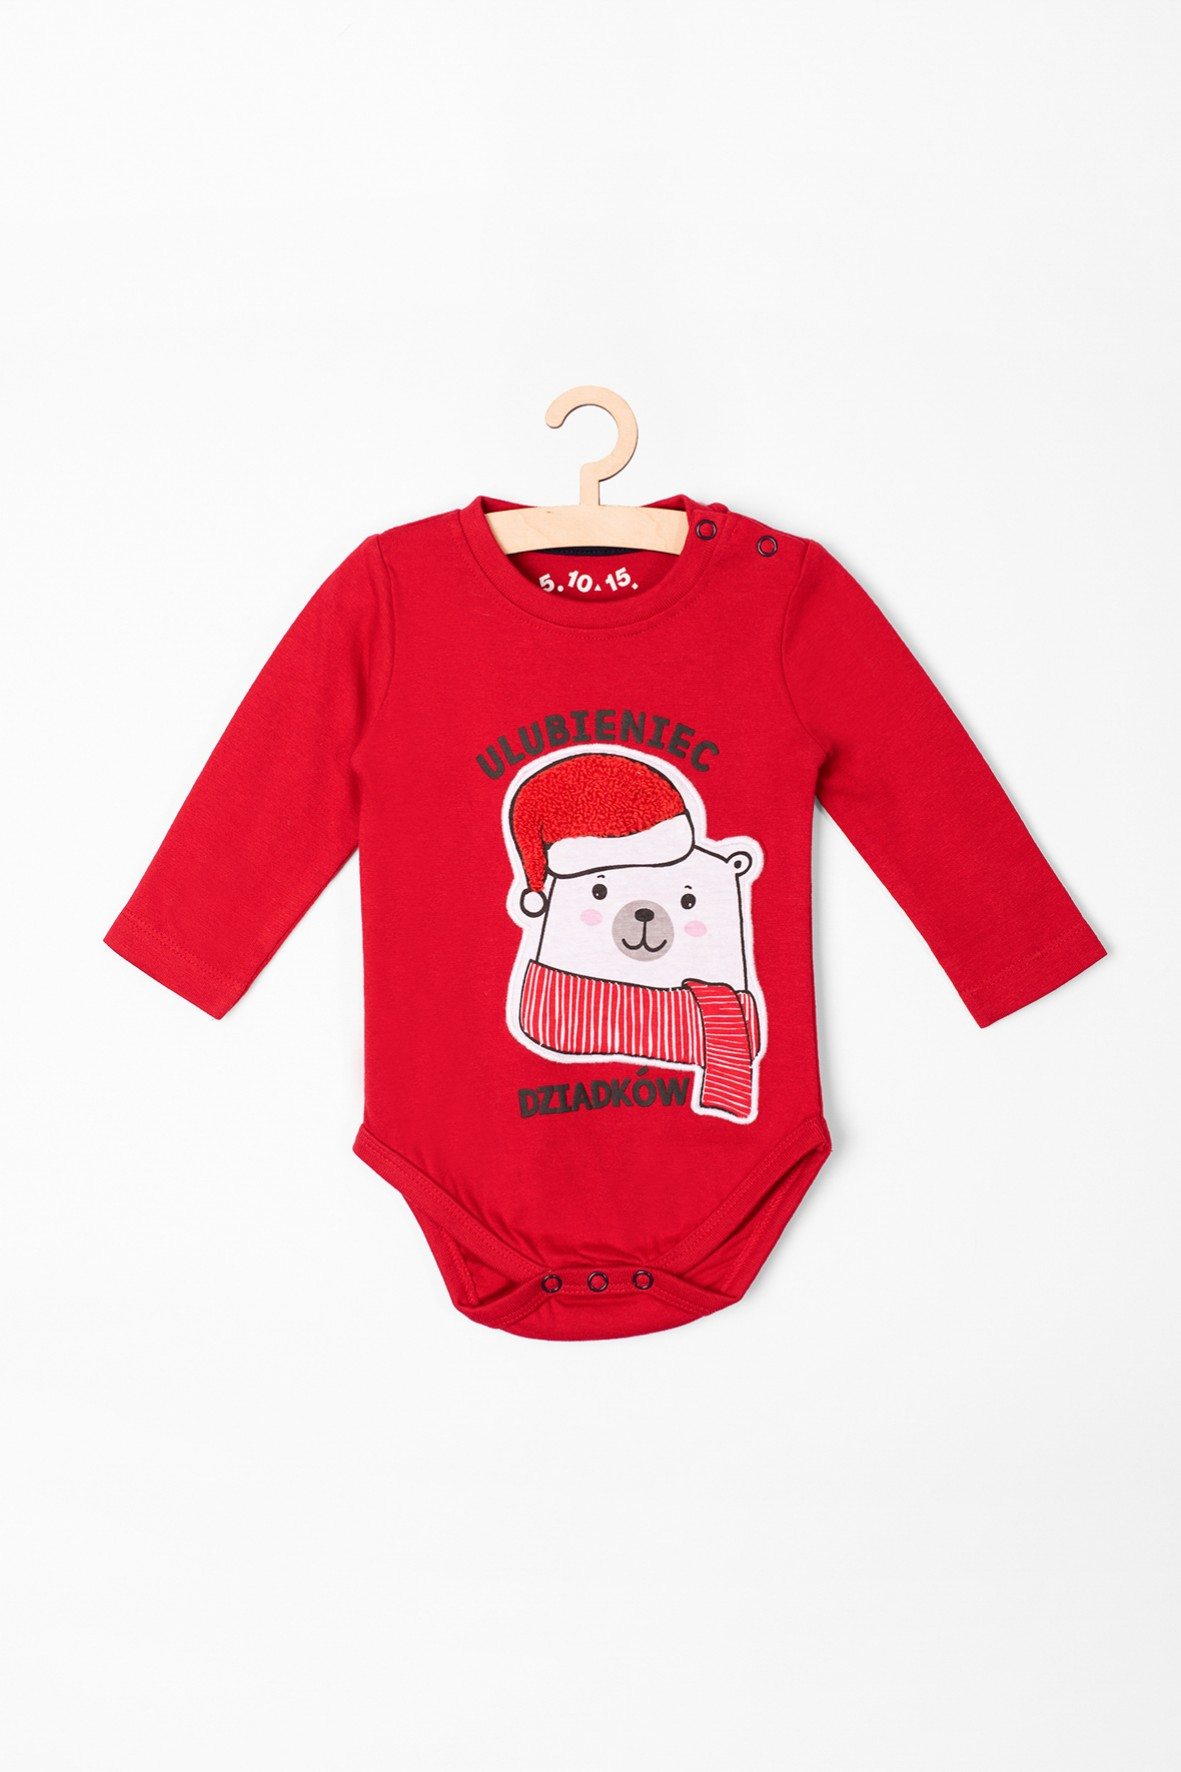 Body niemowlęce świąteczne z napisem- Ulubieniec dziadków